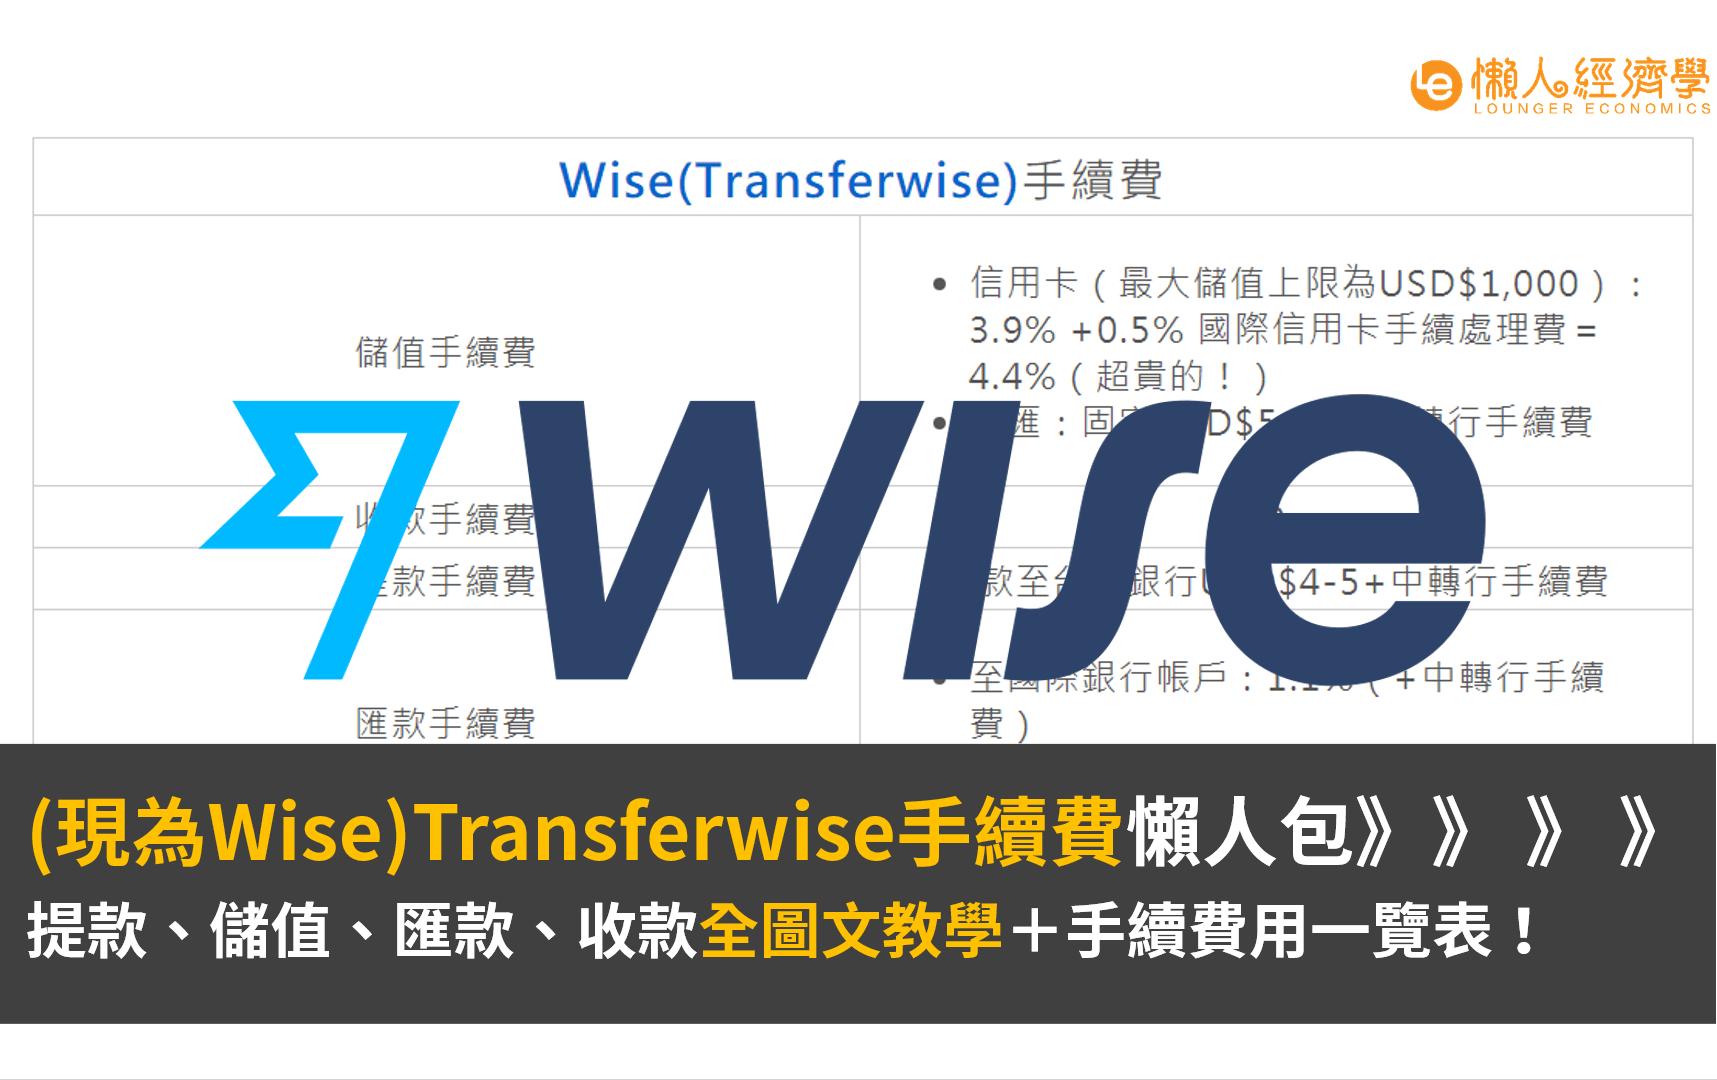 Wise手續費總整理:提款、儲值、匯款、收款全圖文教學+手續費用一覽表!-transferwise教學